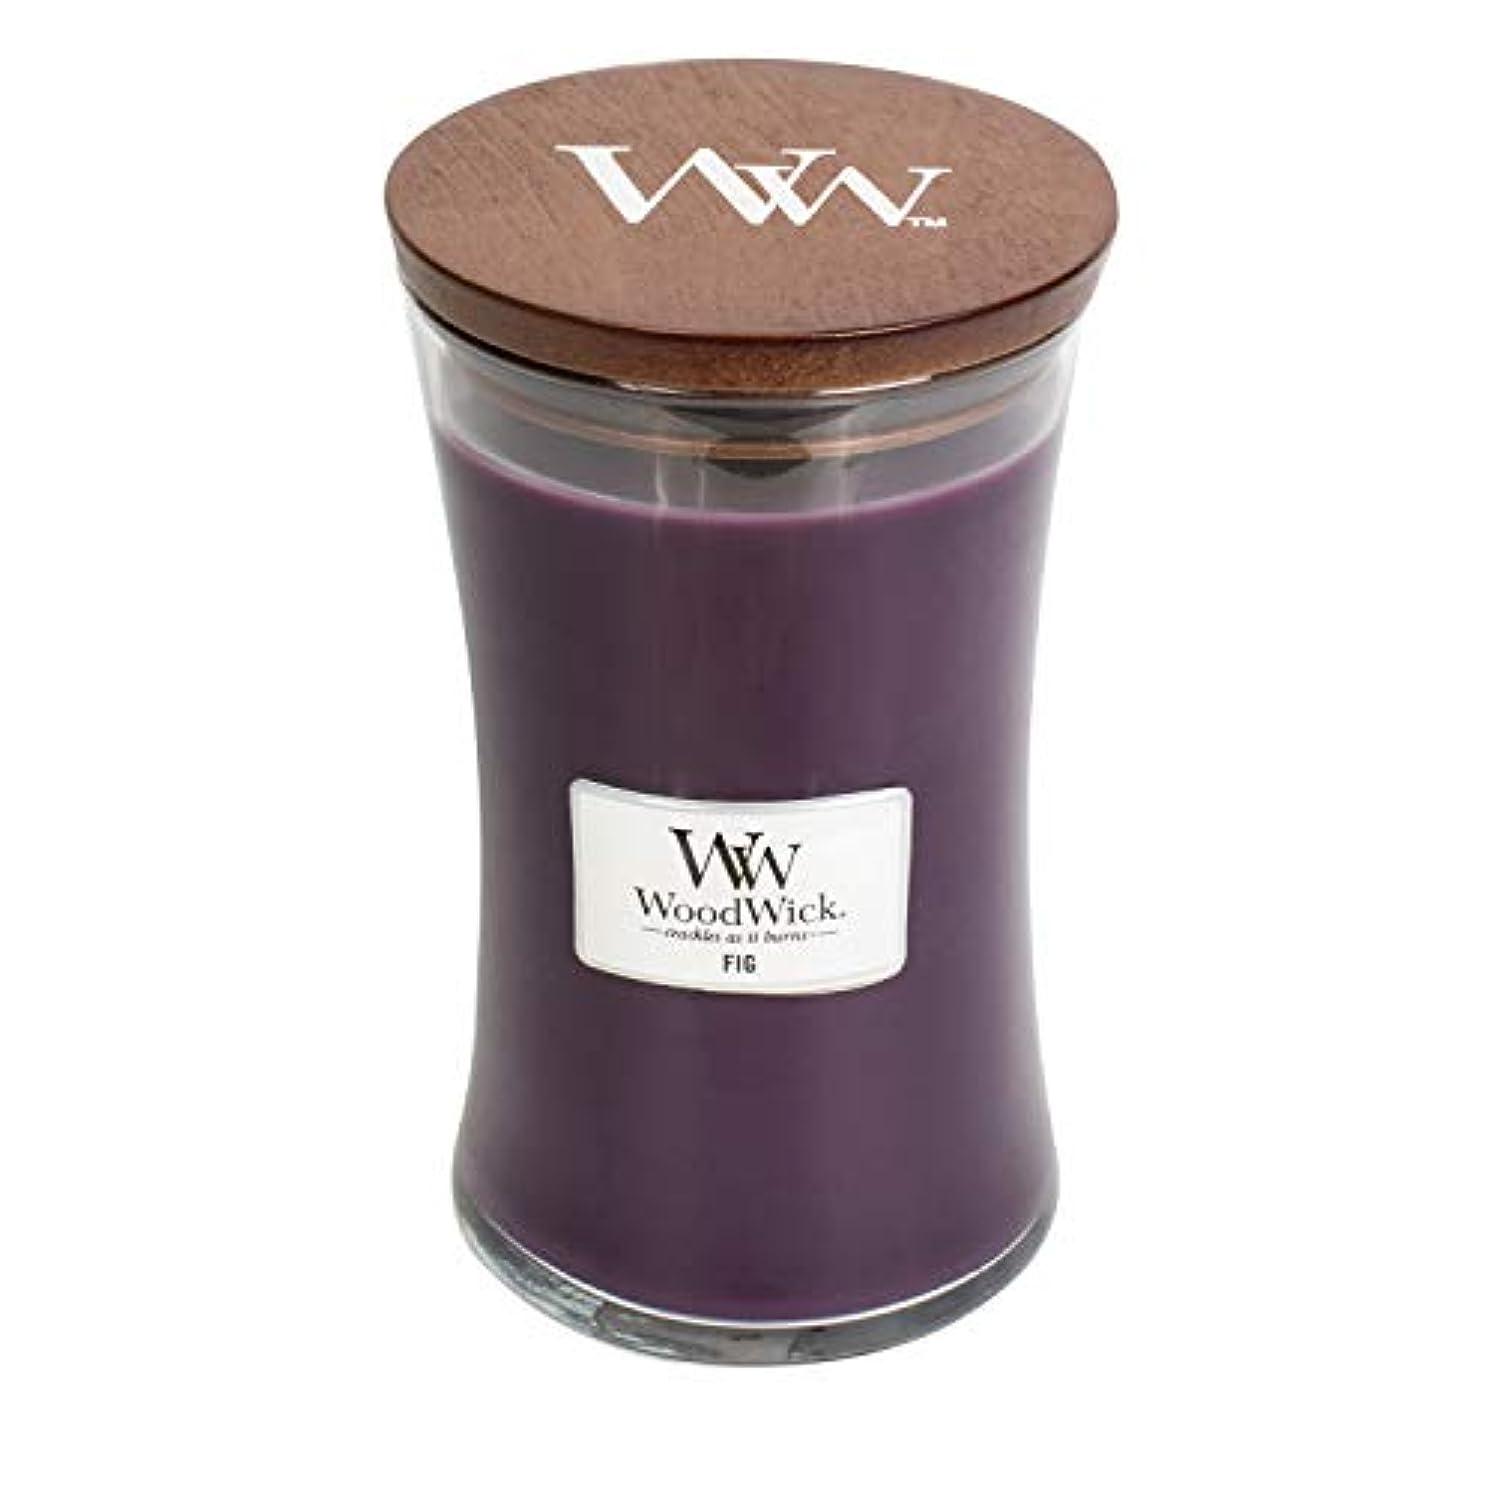 アッパー浅いオークションソフトCambray WoodWick 22oz香りつきJar Candle Burns 180時間